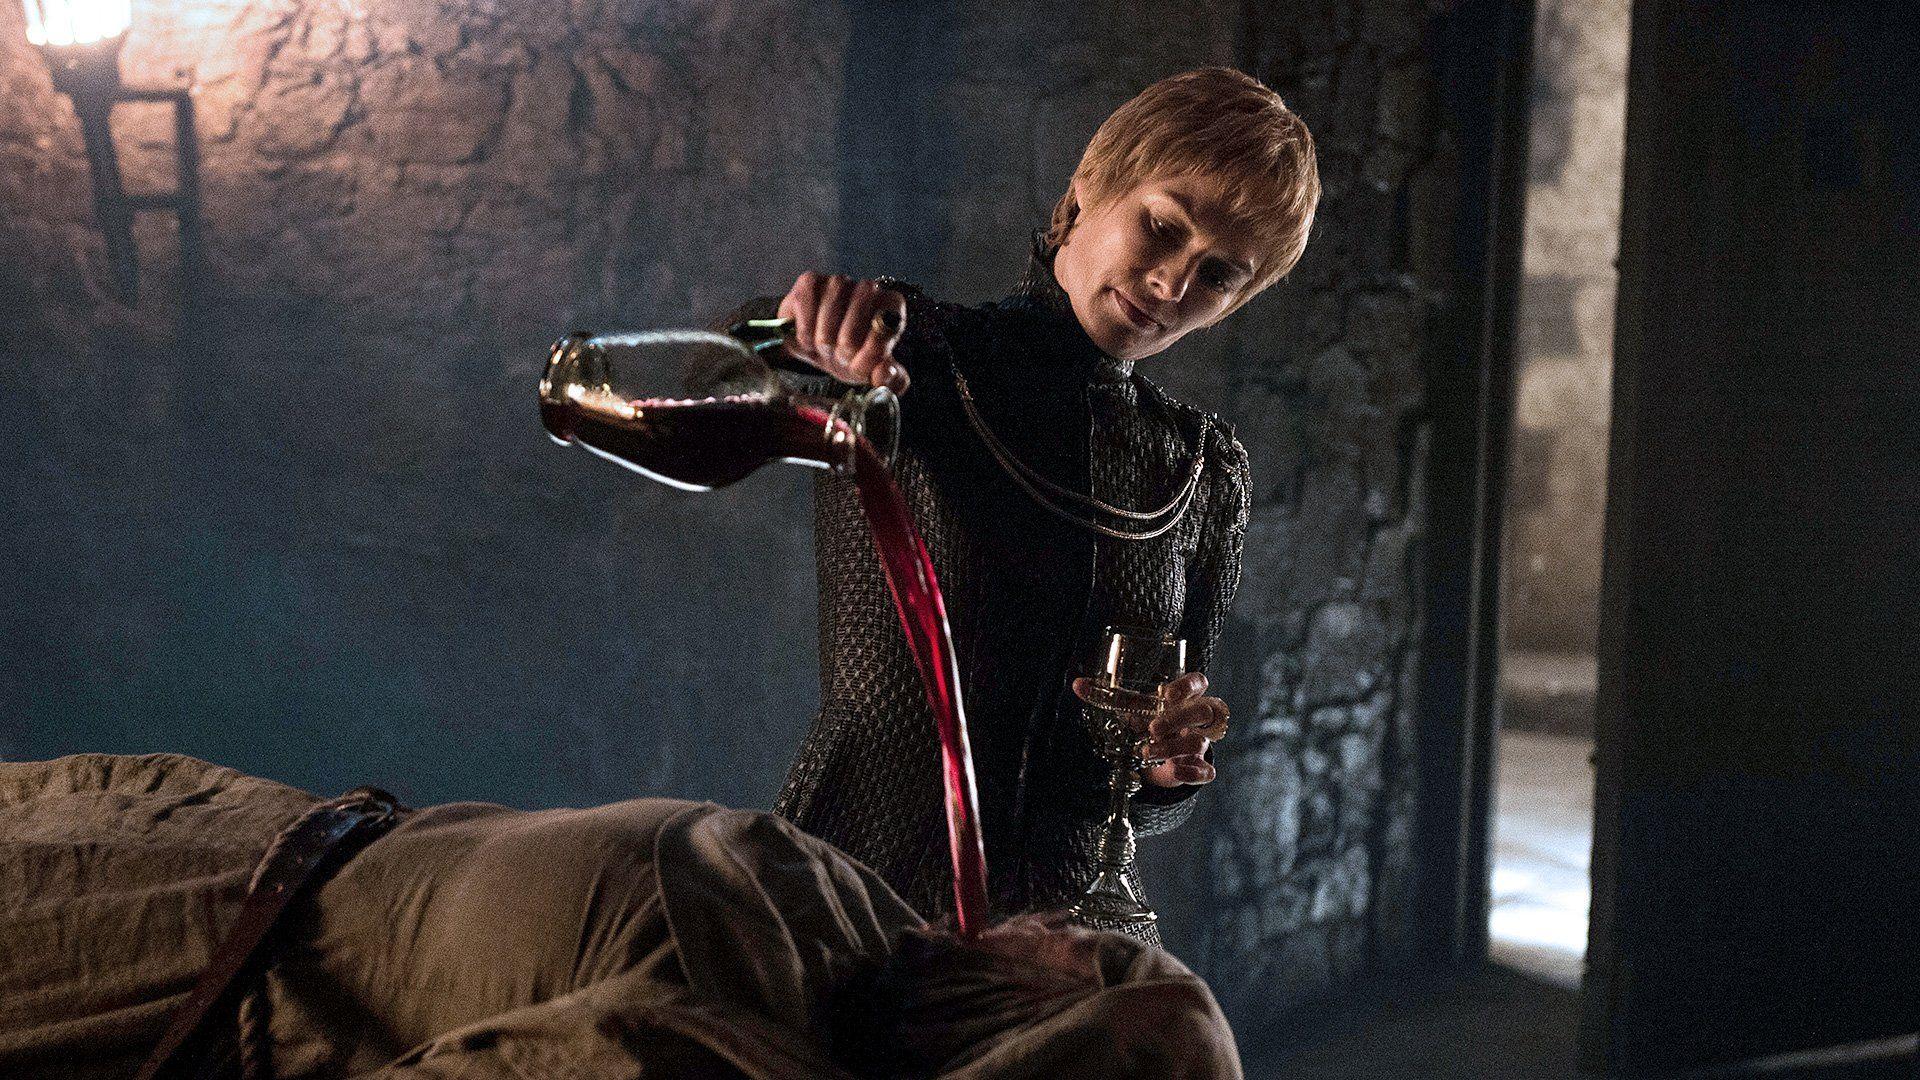 Series De Television Juego De Tronos Lena Headey Cersei Lannister